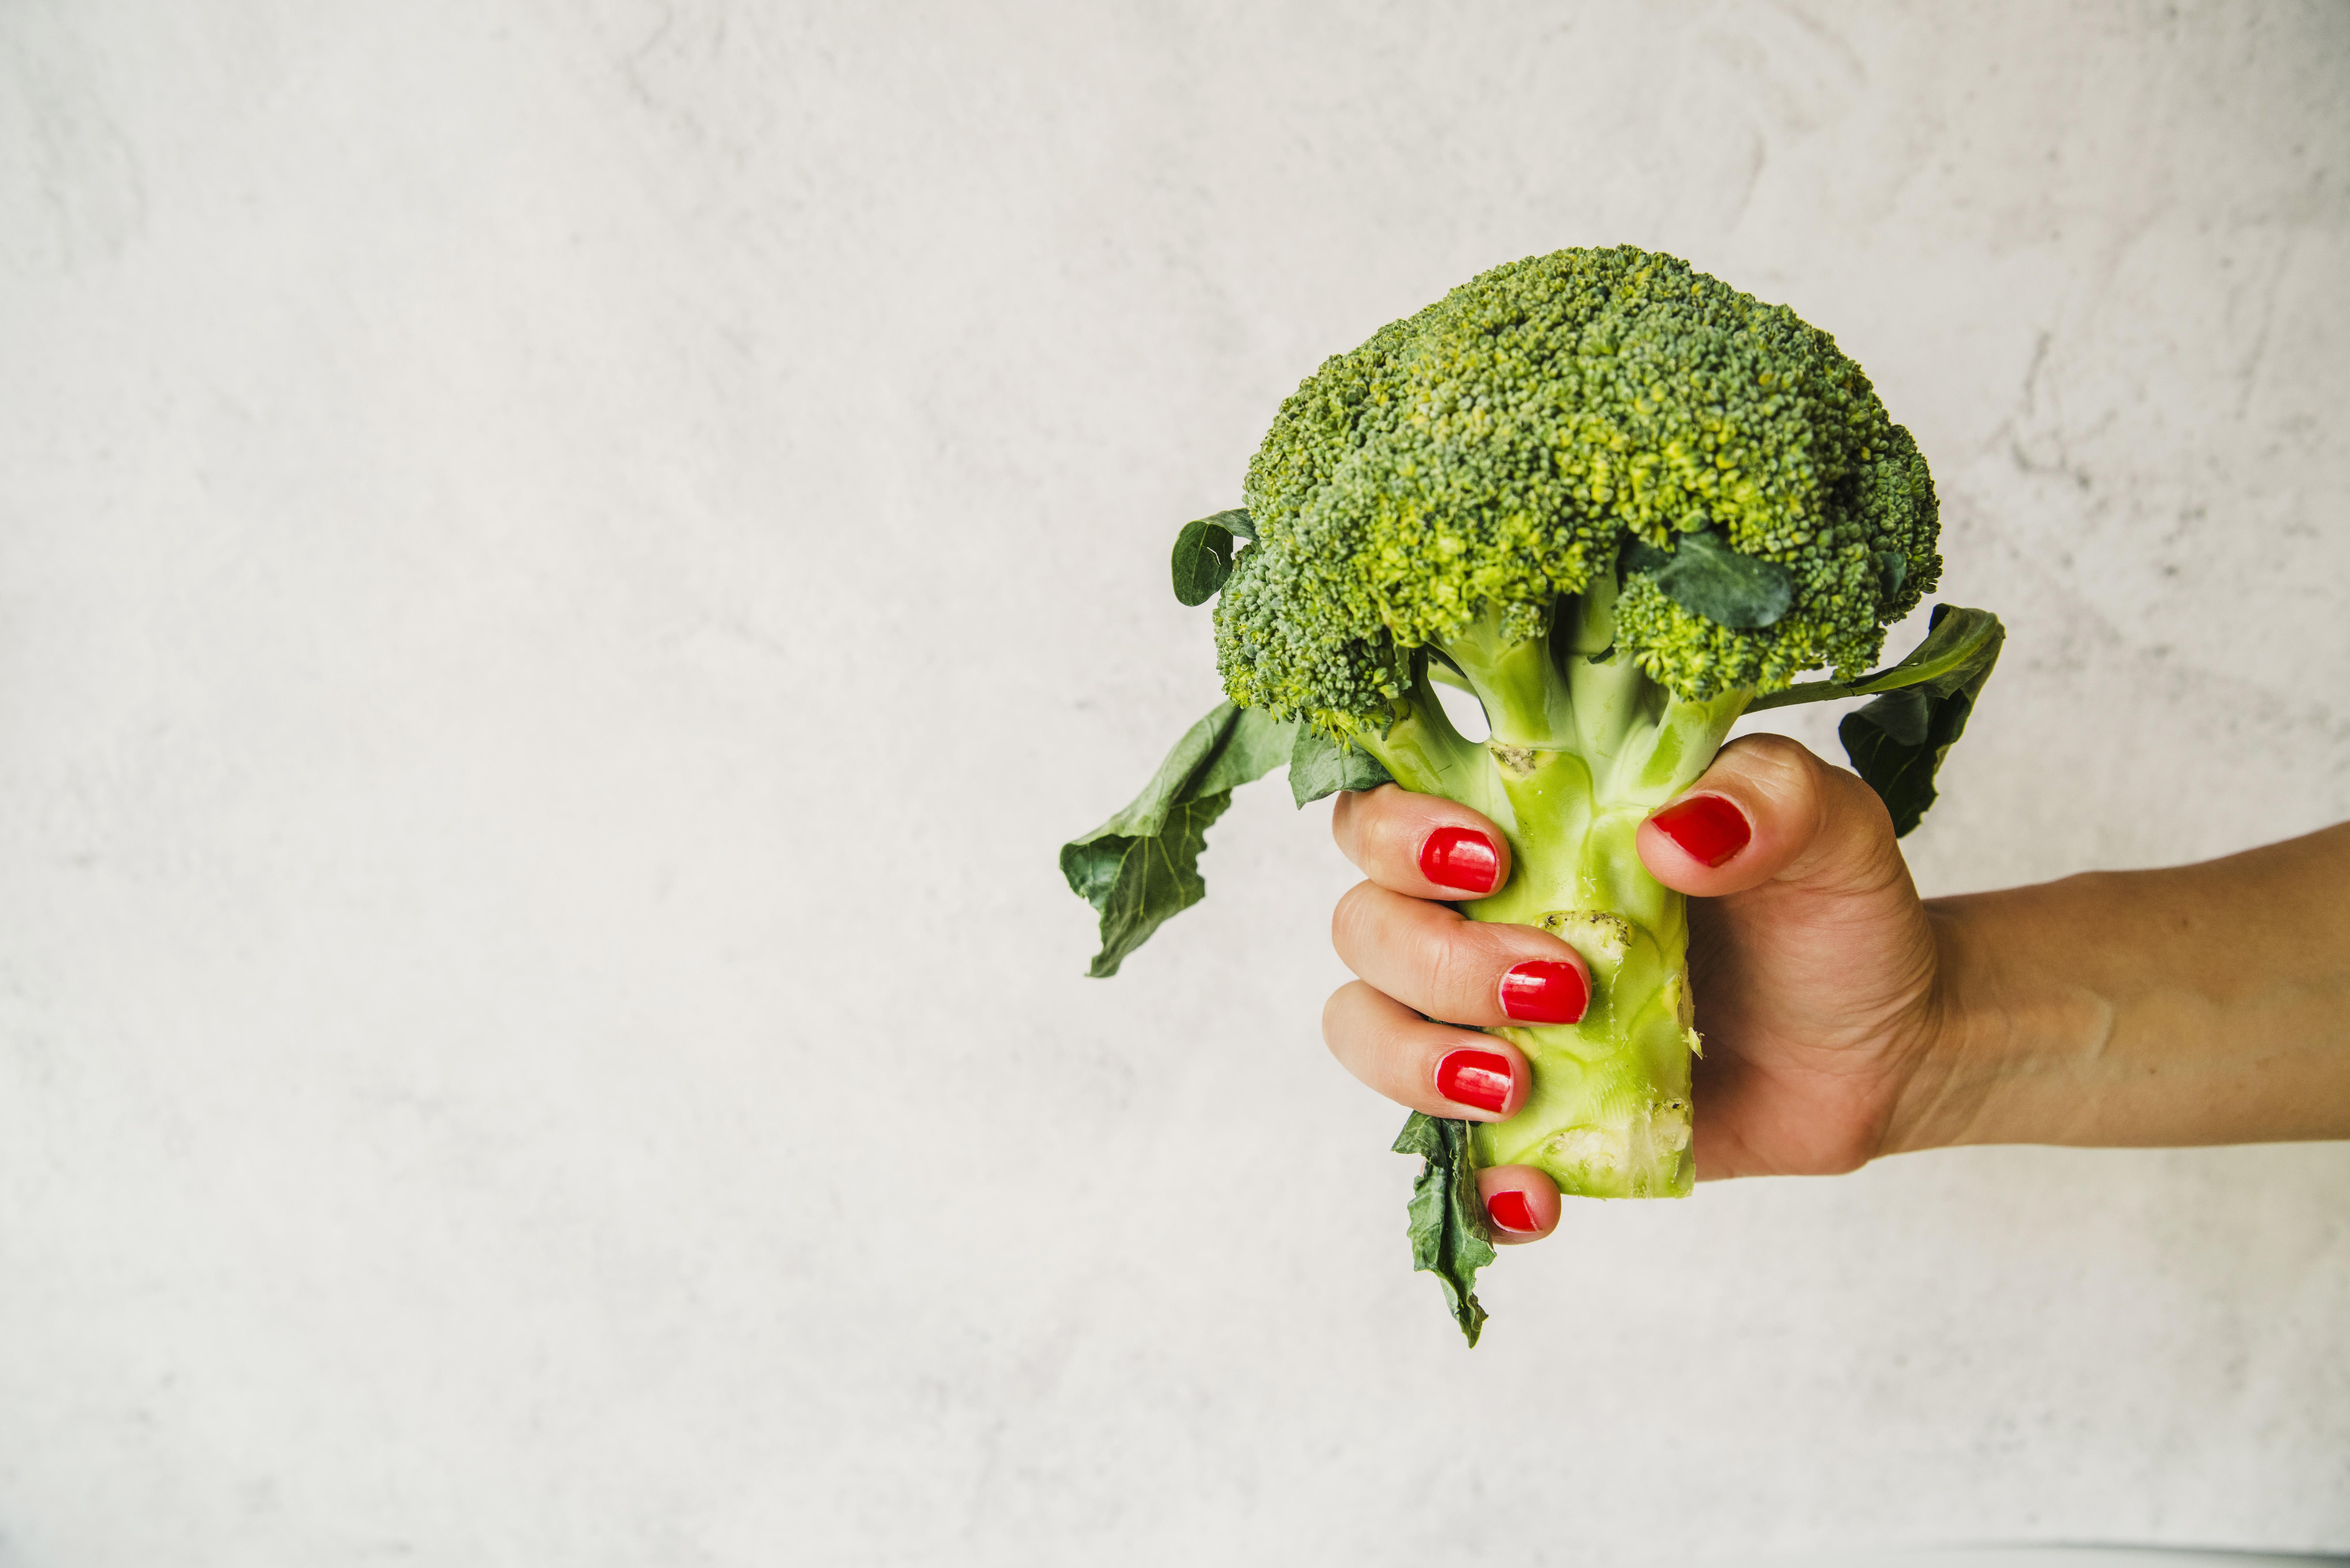 худеть без диет